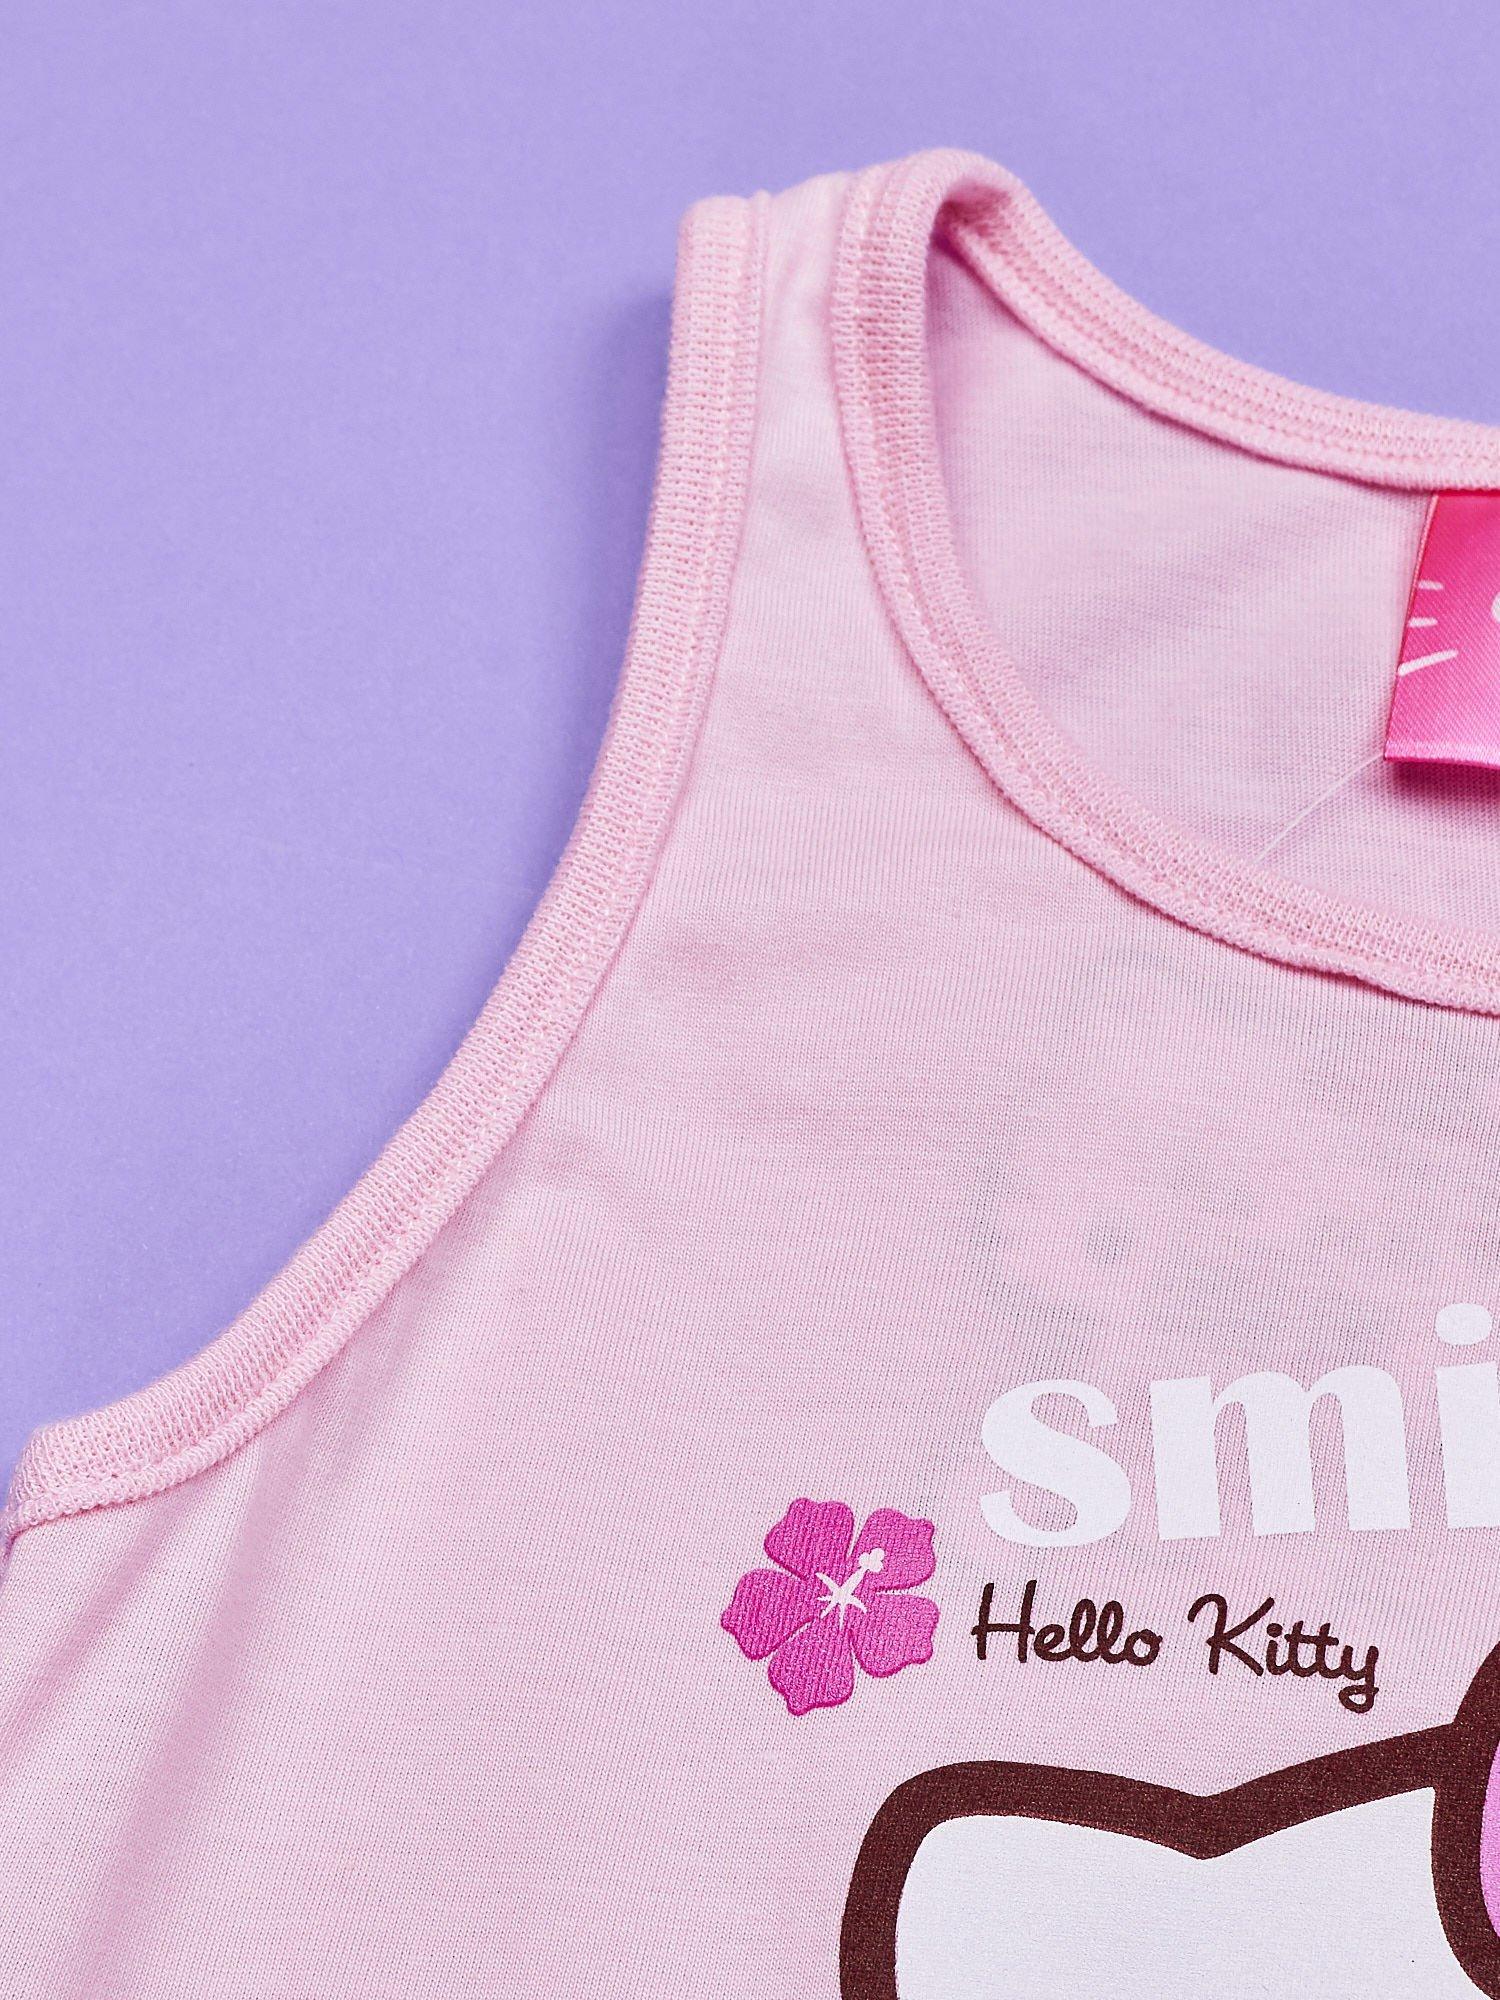 Jasnoróżowy t-shirt dla dziewczynki bez rękawów HELLO KITTY                                  zdj.                                  4